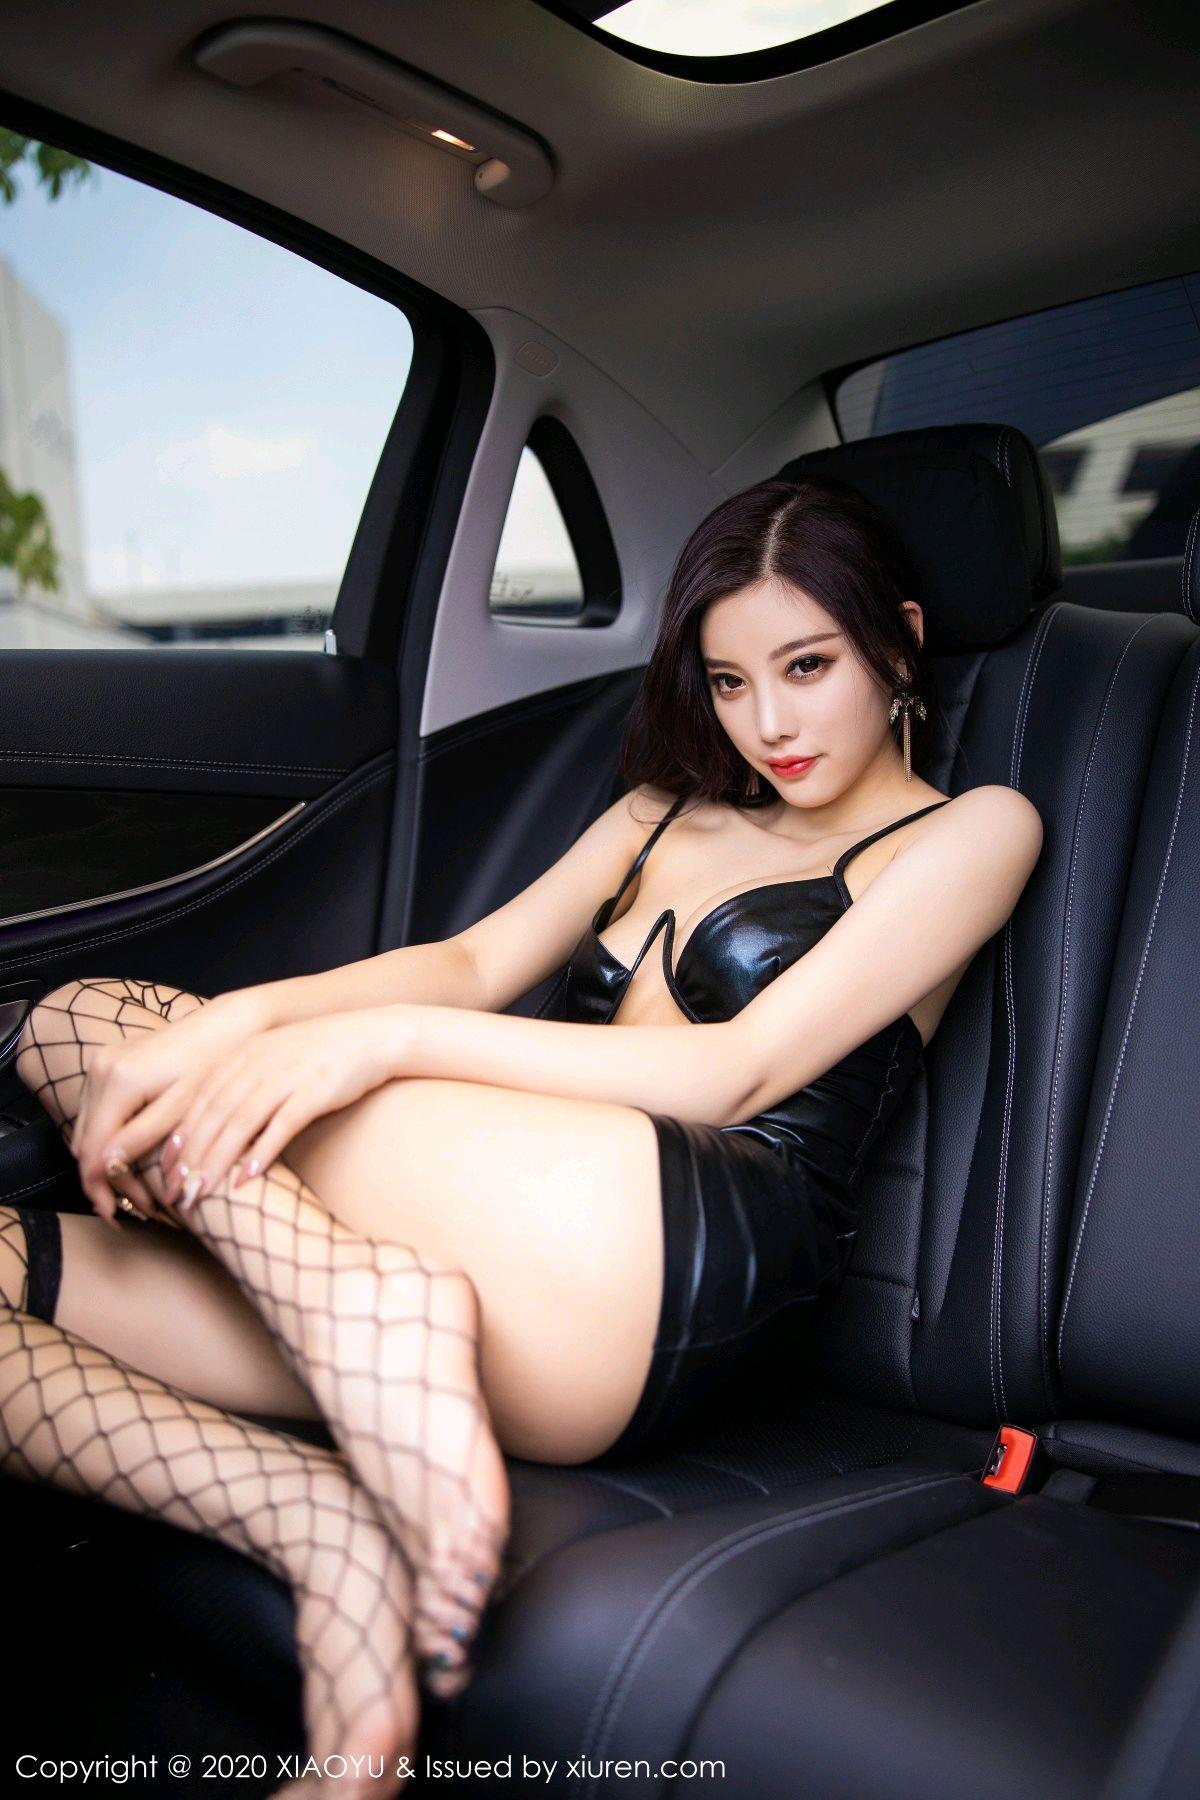 [XiuRen] Vol.338 Yang Chen Chen 78P, Outdoor, Tall, Xiuren, Yang Chen Chen